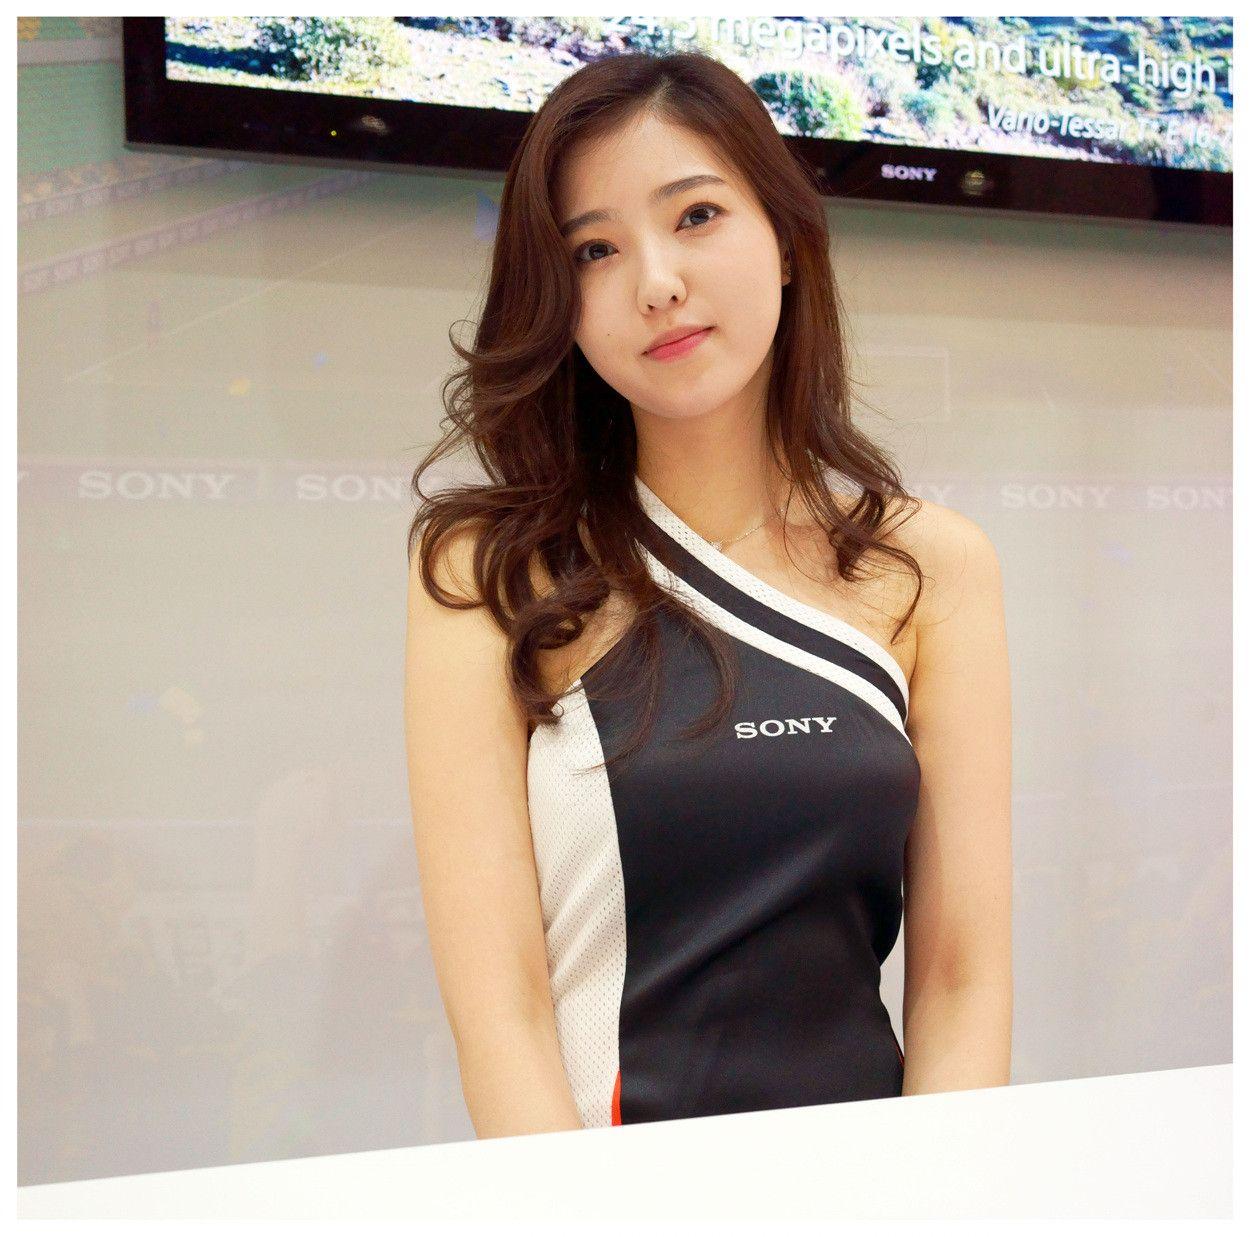 한국 소니녀 (10P)